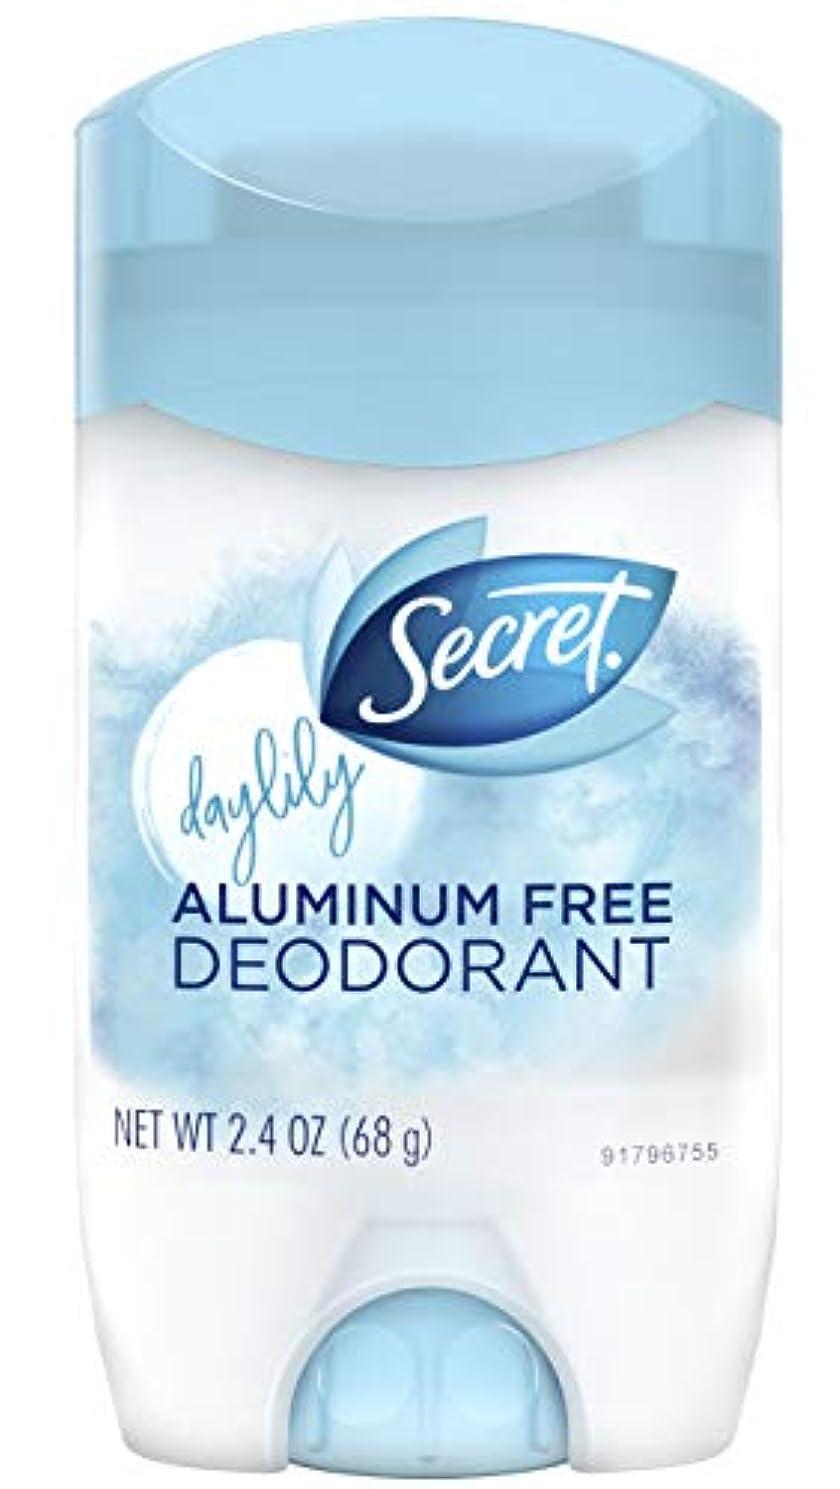 速い選択する休日にシークレット Secret デイリリー デオドラント アルミニウムフリー 女性用 固形 制汗剤 ケミカルフリー ボディケア 68g